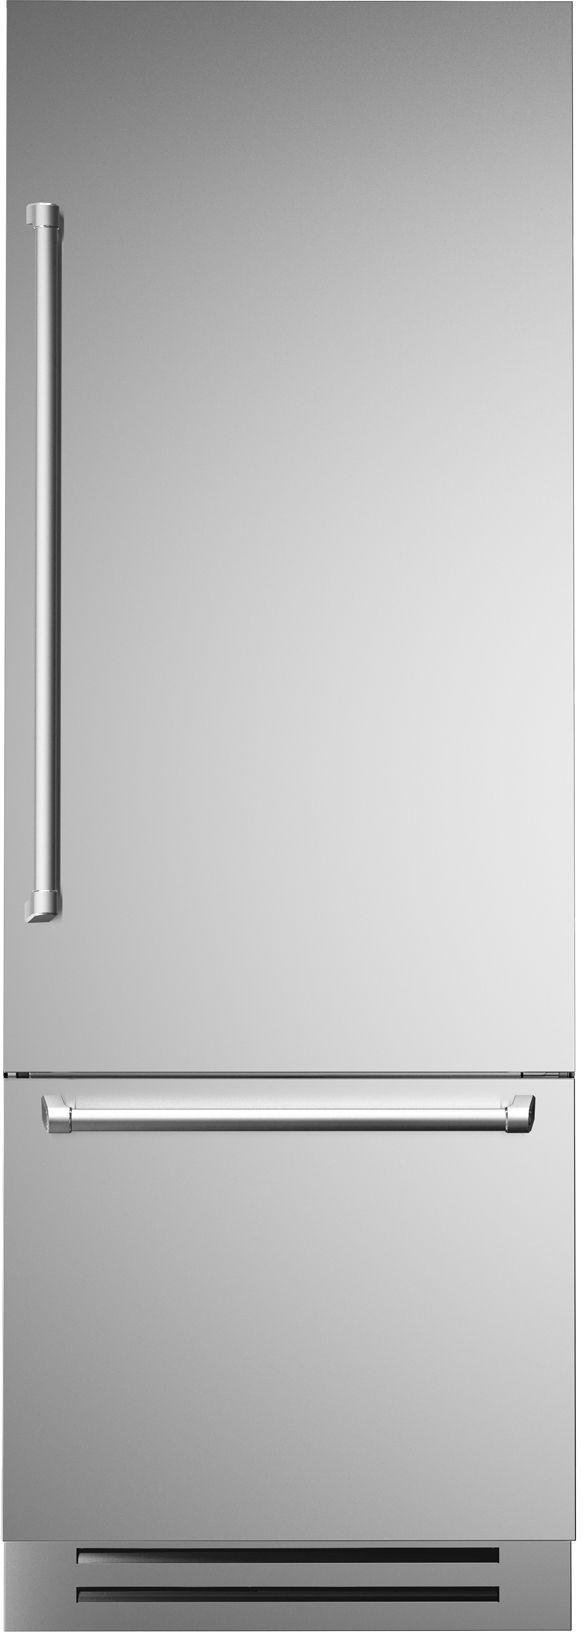 Réfrigérateur à congélateur inférieur de 30 po Bertazzoni® de 14,0 pi³ - Acier inoxydable-REF30PIXR